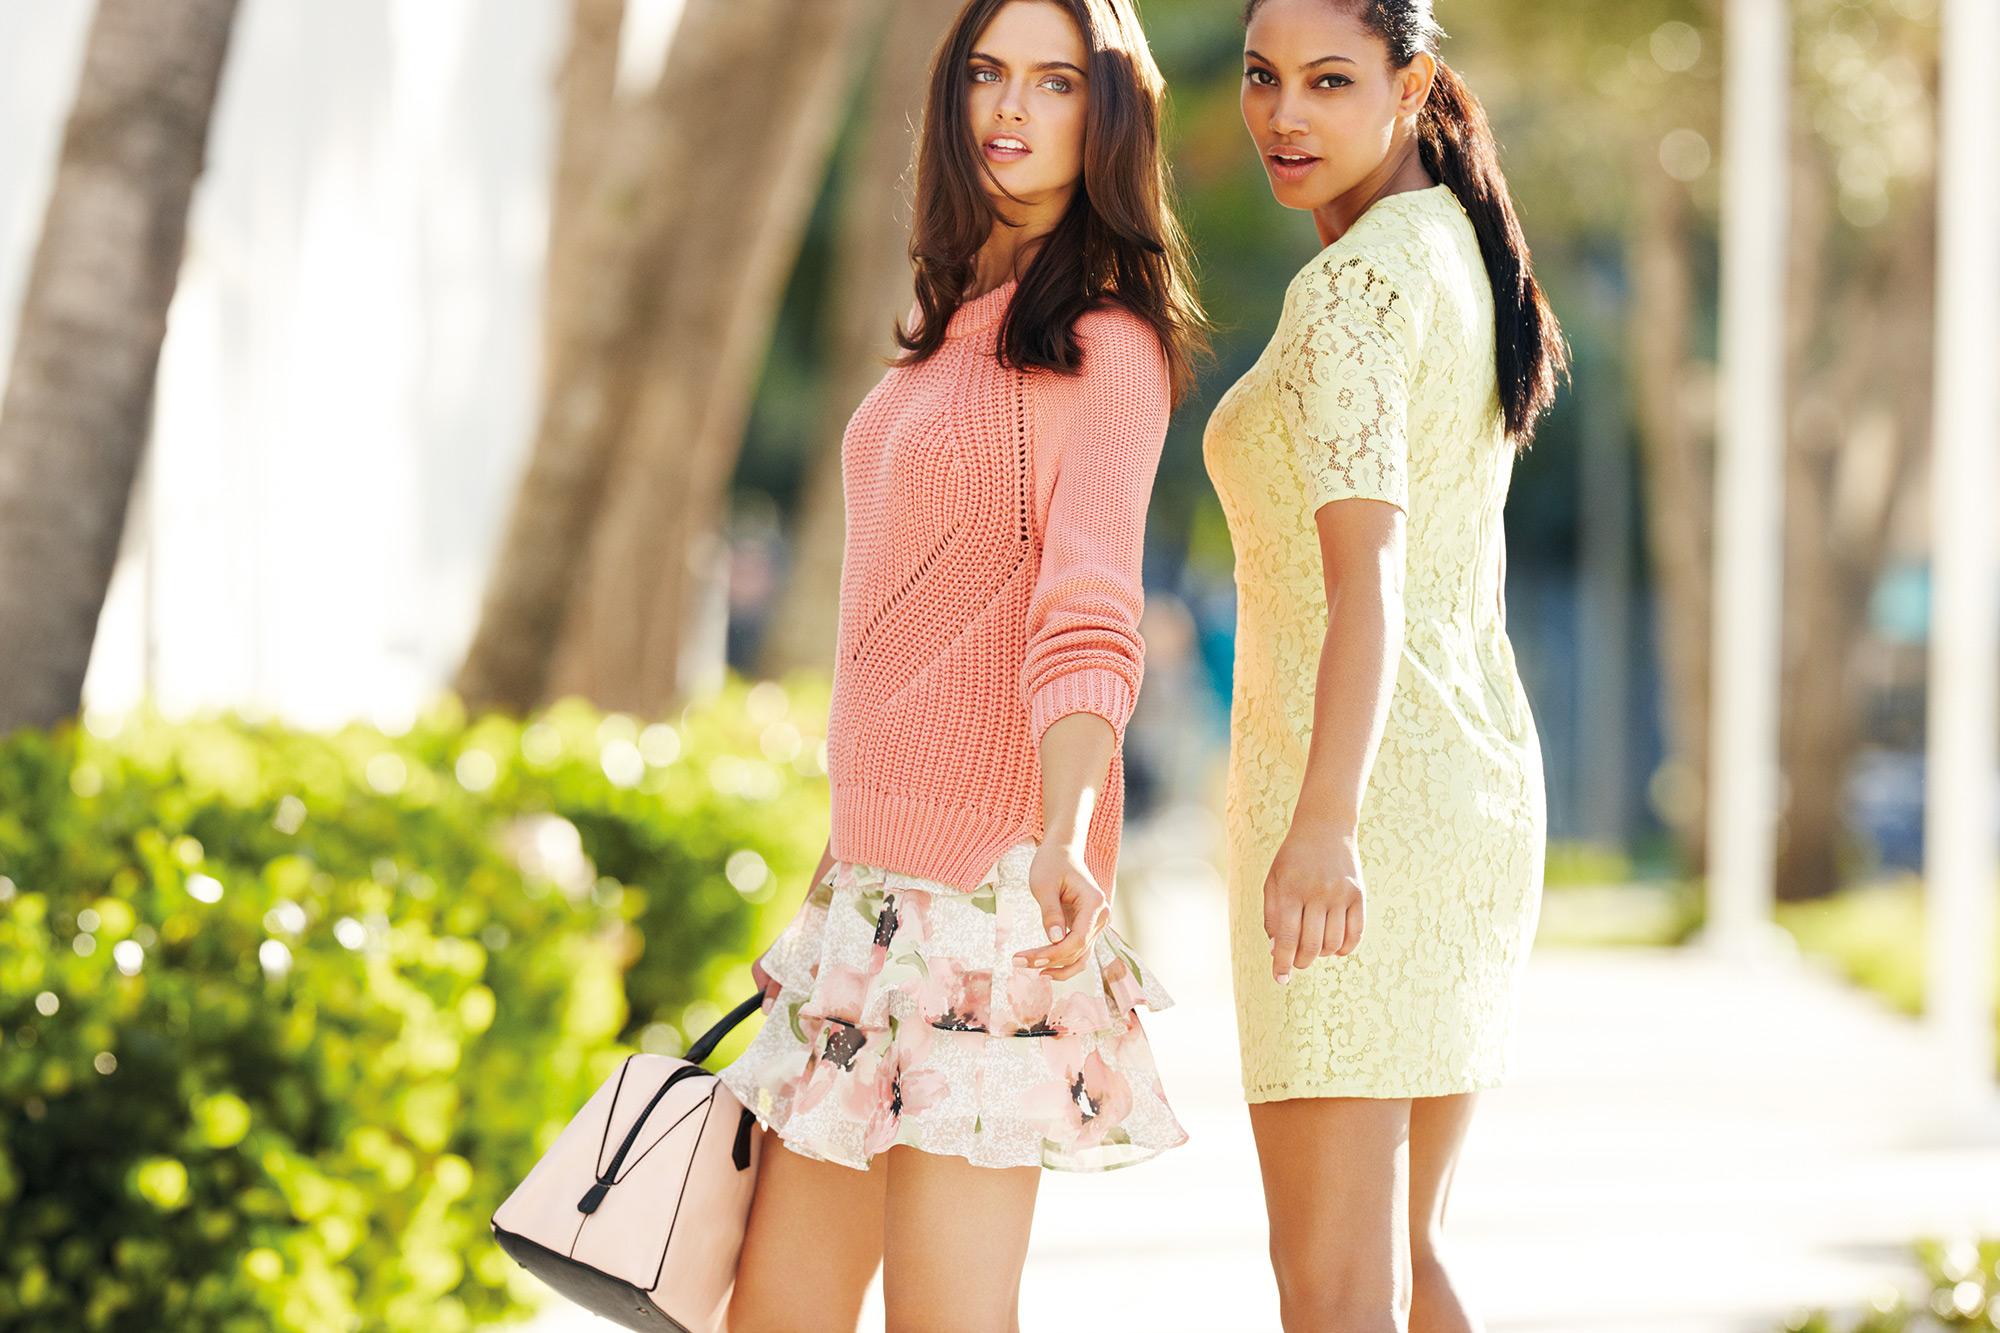 Модная женская одежда на лето 2019 года